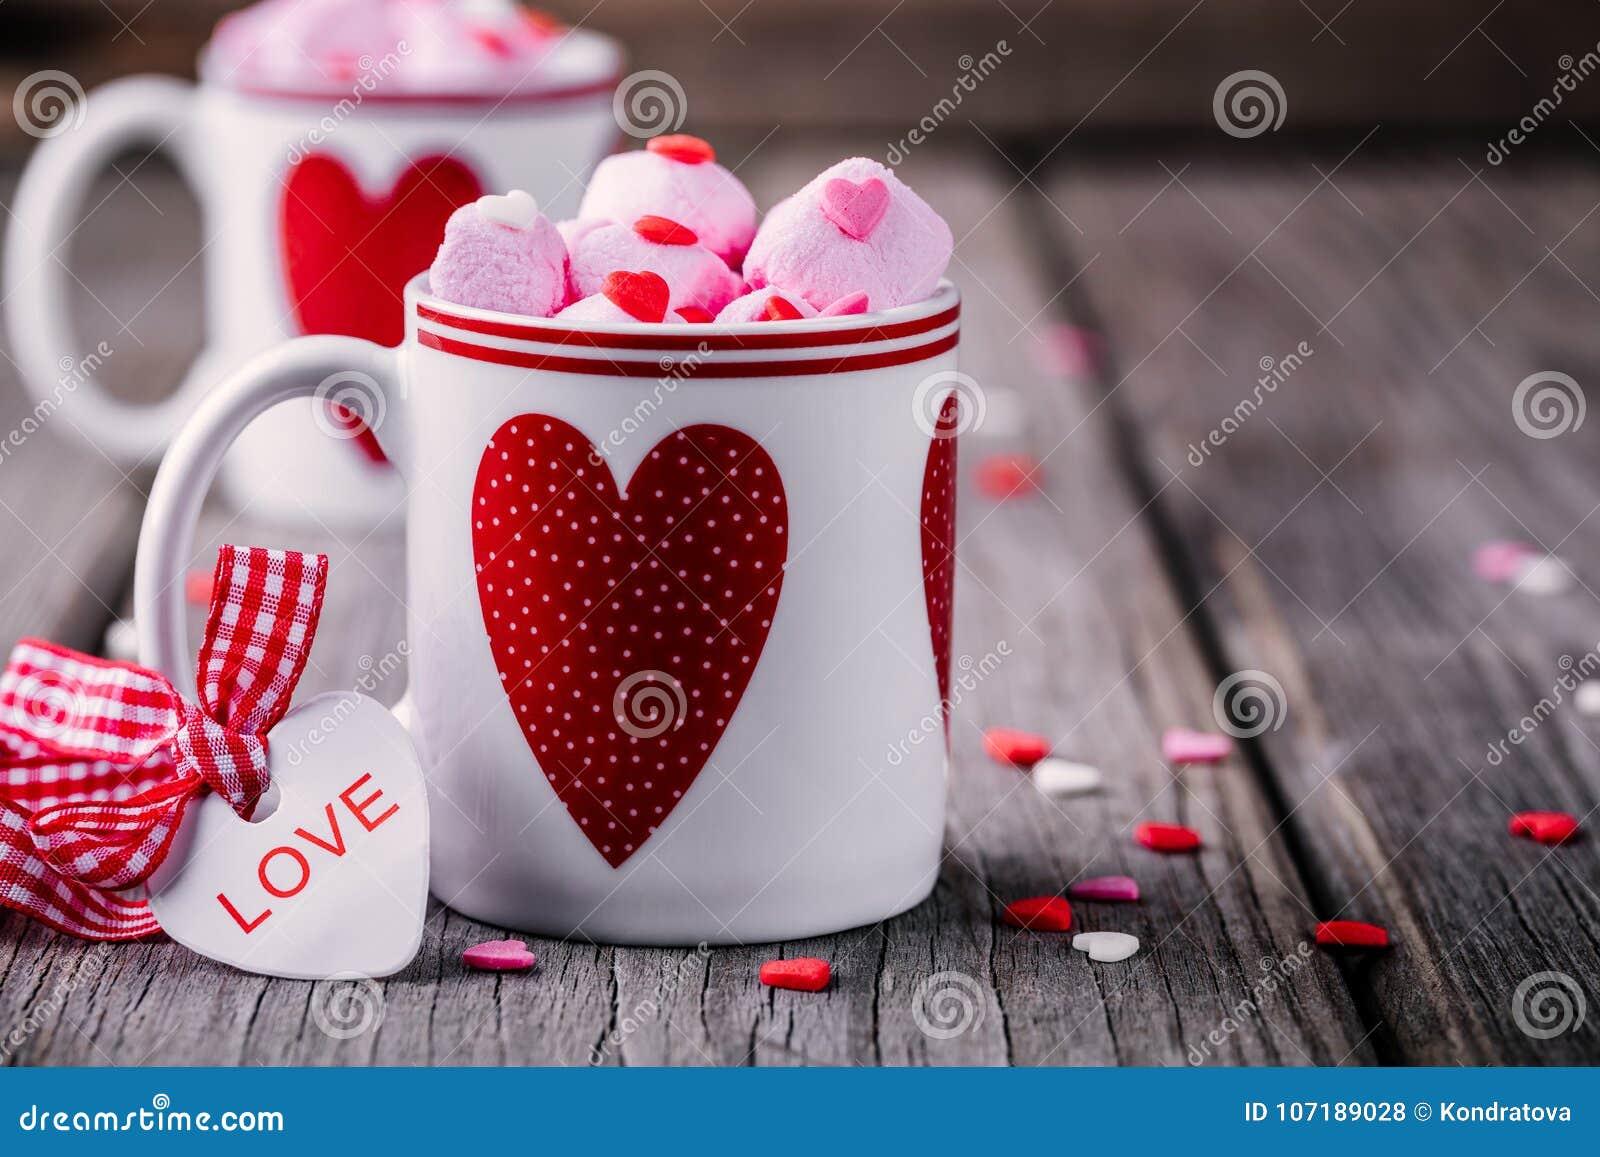 Καυτό κακάο με ρόδινο marshmallow στις κούπες με τις καρδιές για την ημέρα βαλεντίνων